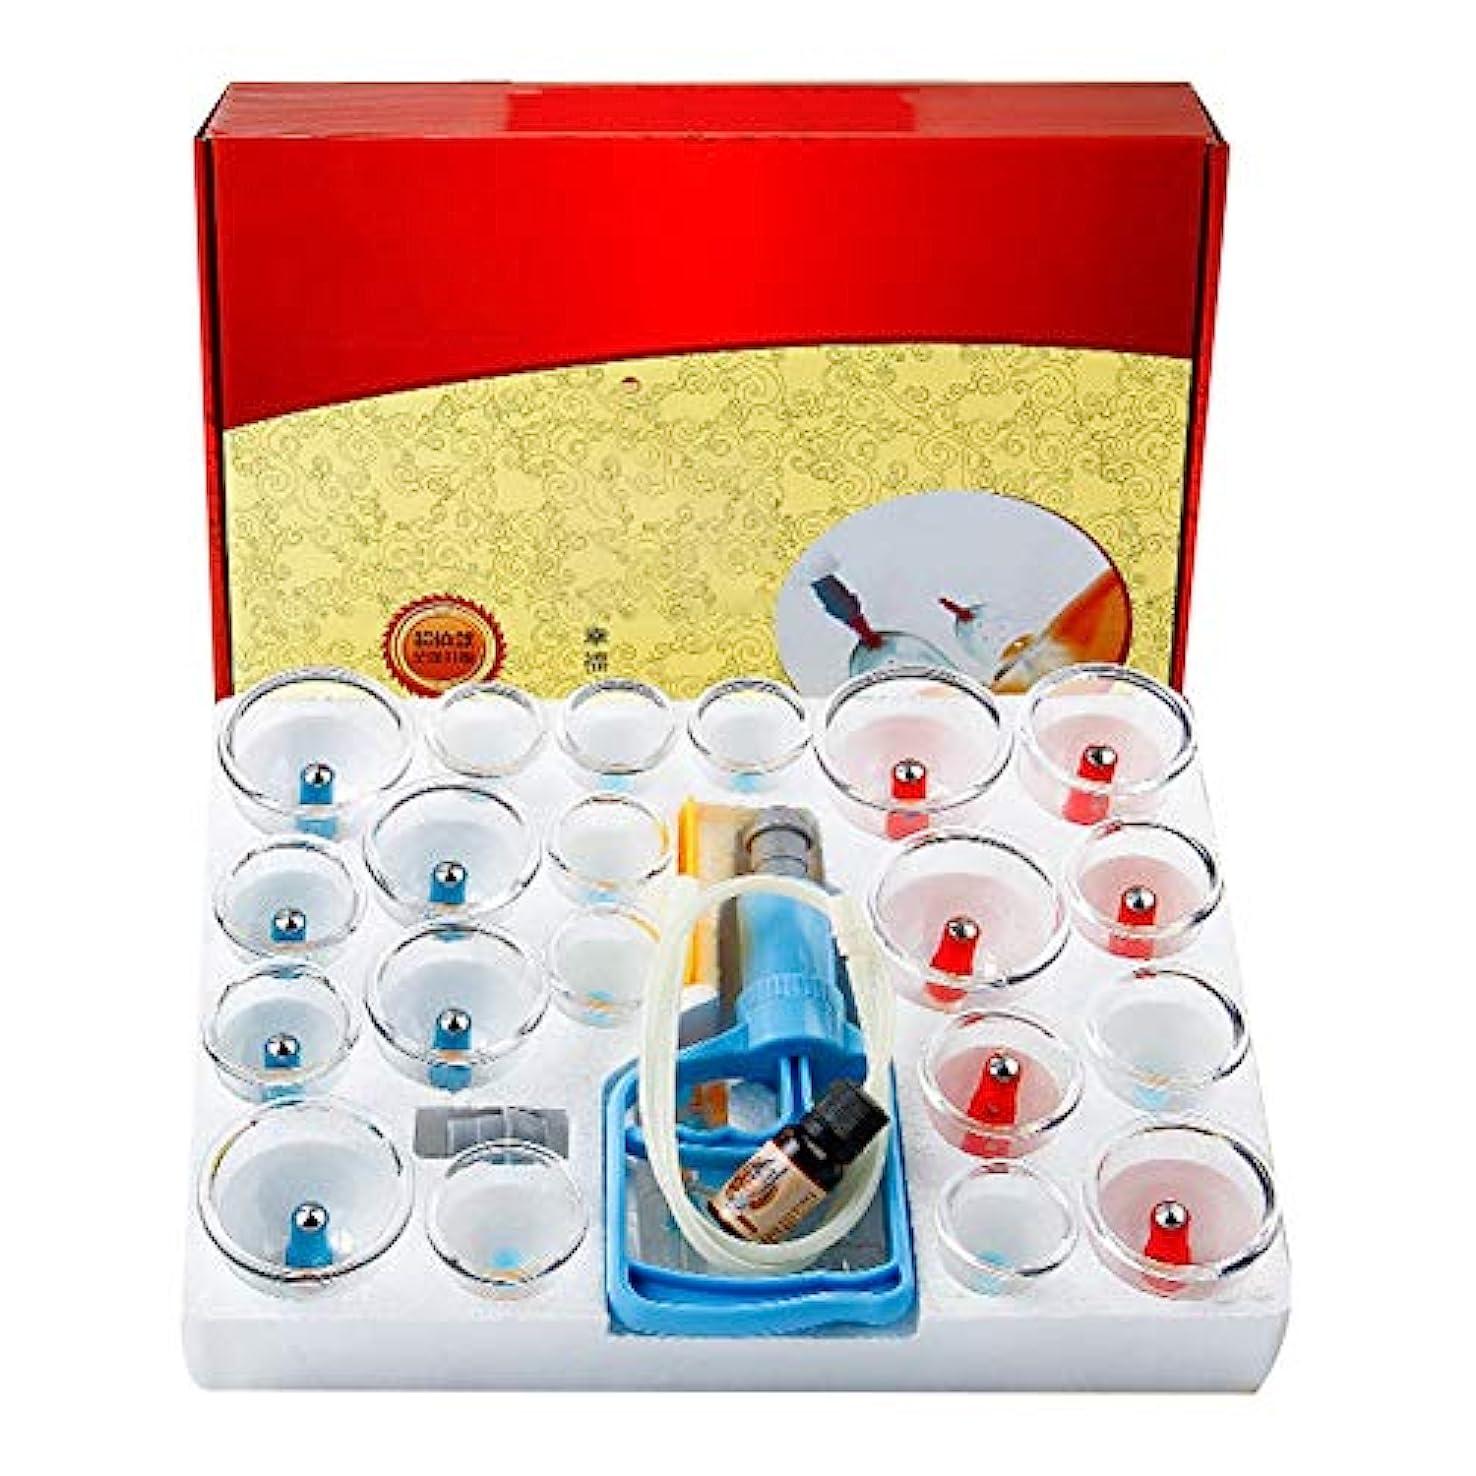 粘性の凍結嫌い24カップカッピングセットプラスチック、真空吸引生体磁気、ポンプ付き医療、女性と男性用、ストレスマッスルリリーフ、親家族への最高の贈り物